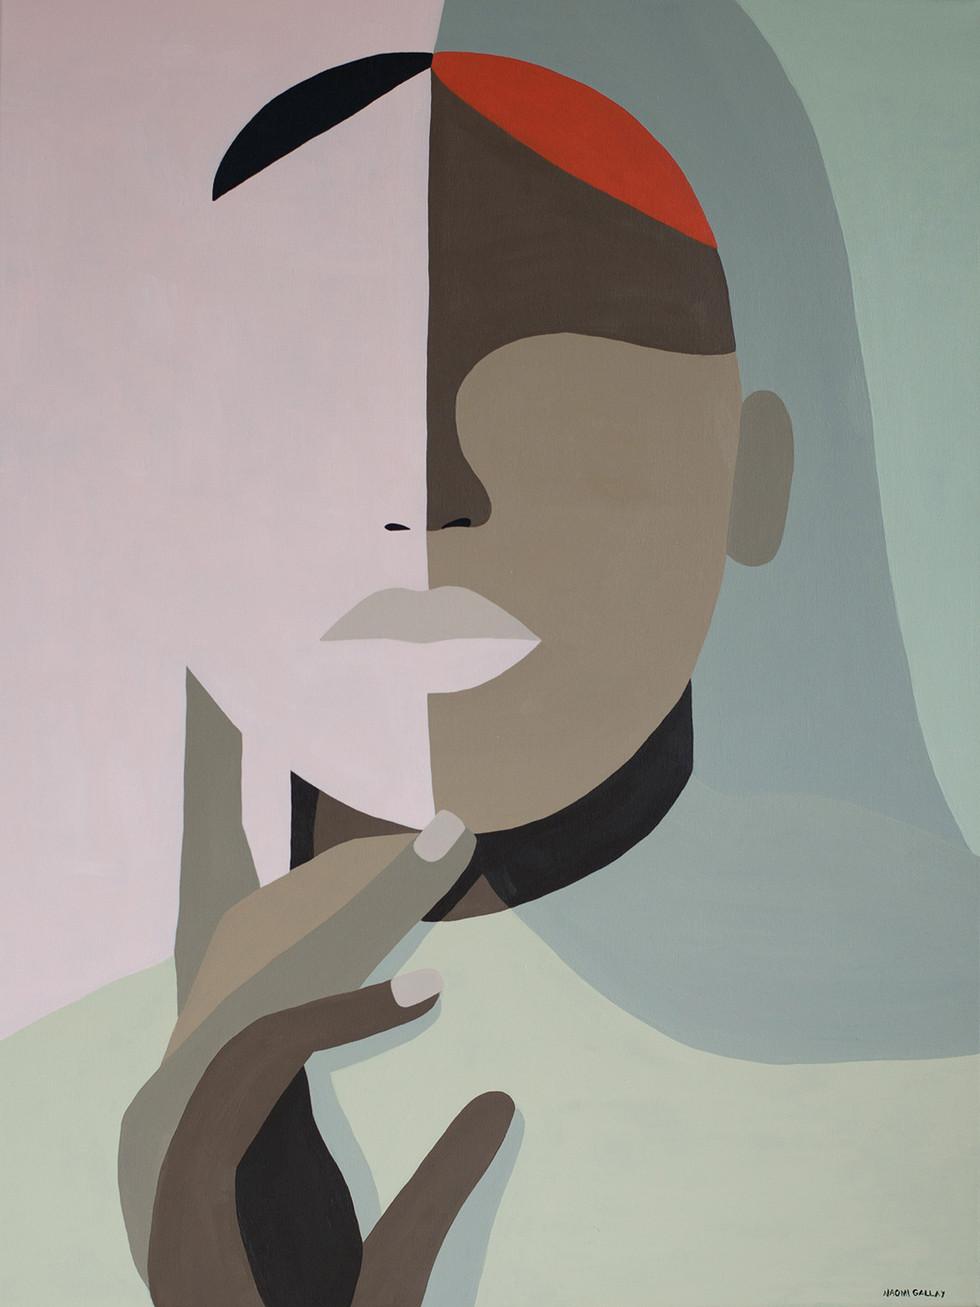 Mexical Rose, 2020 acrylic on canvas 60 x 80 cm